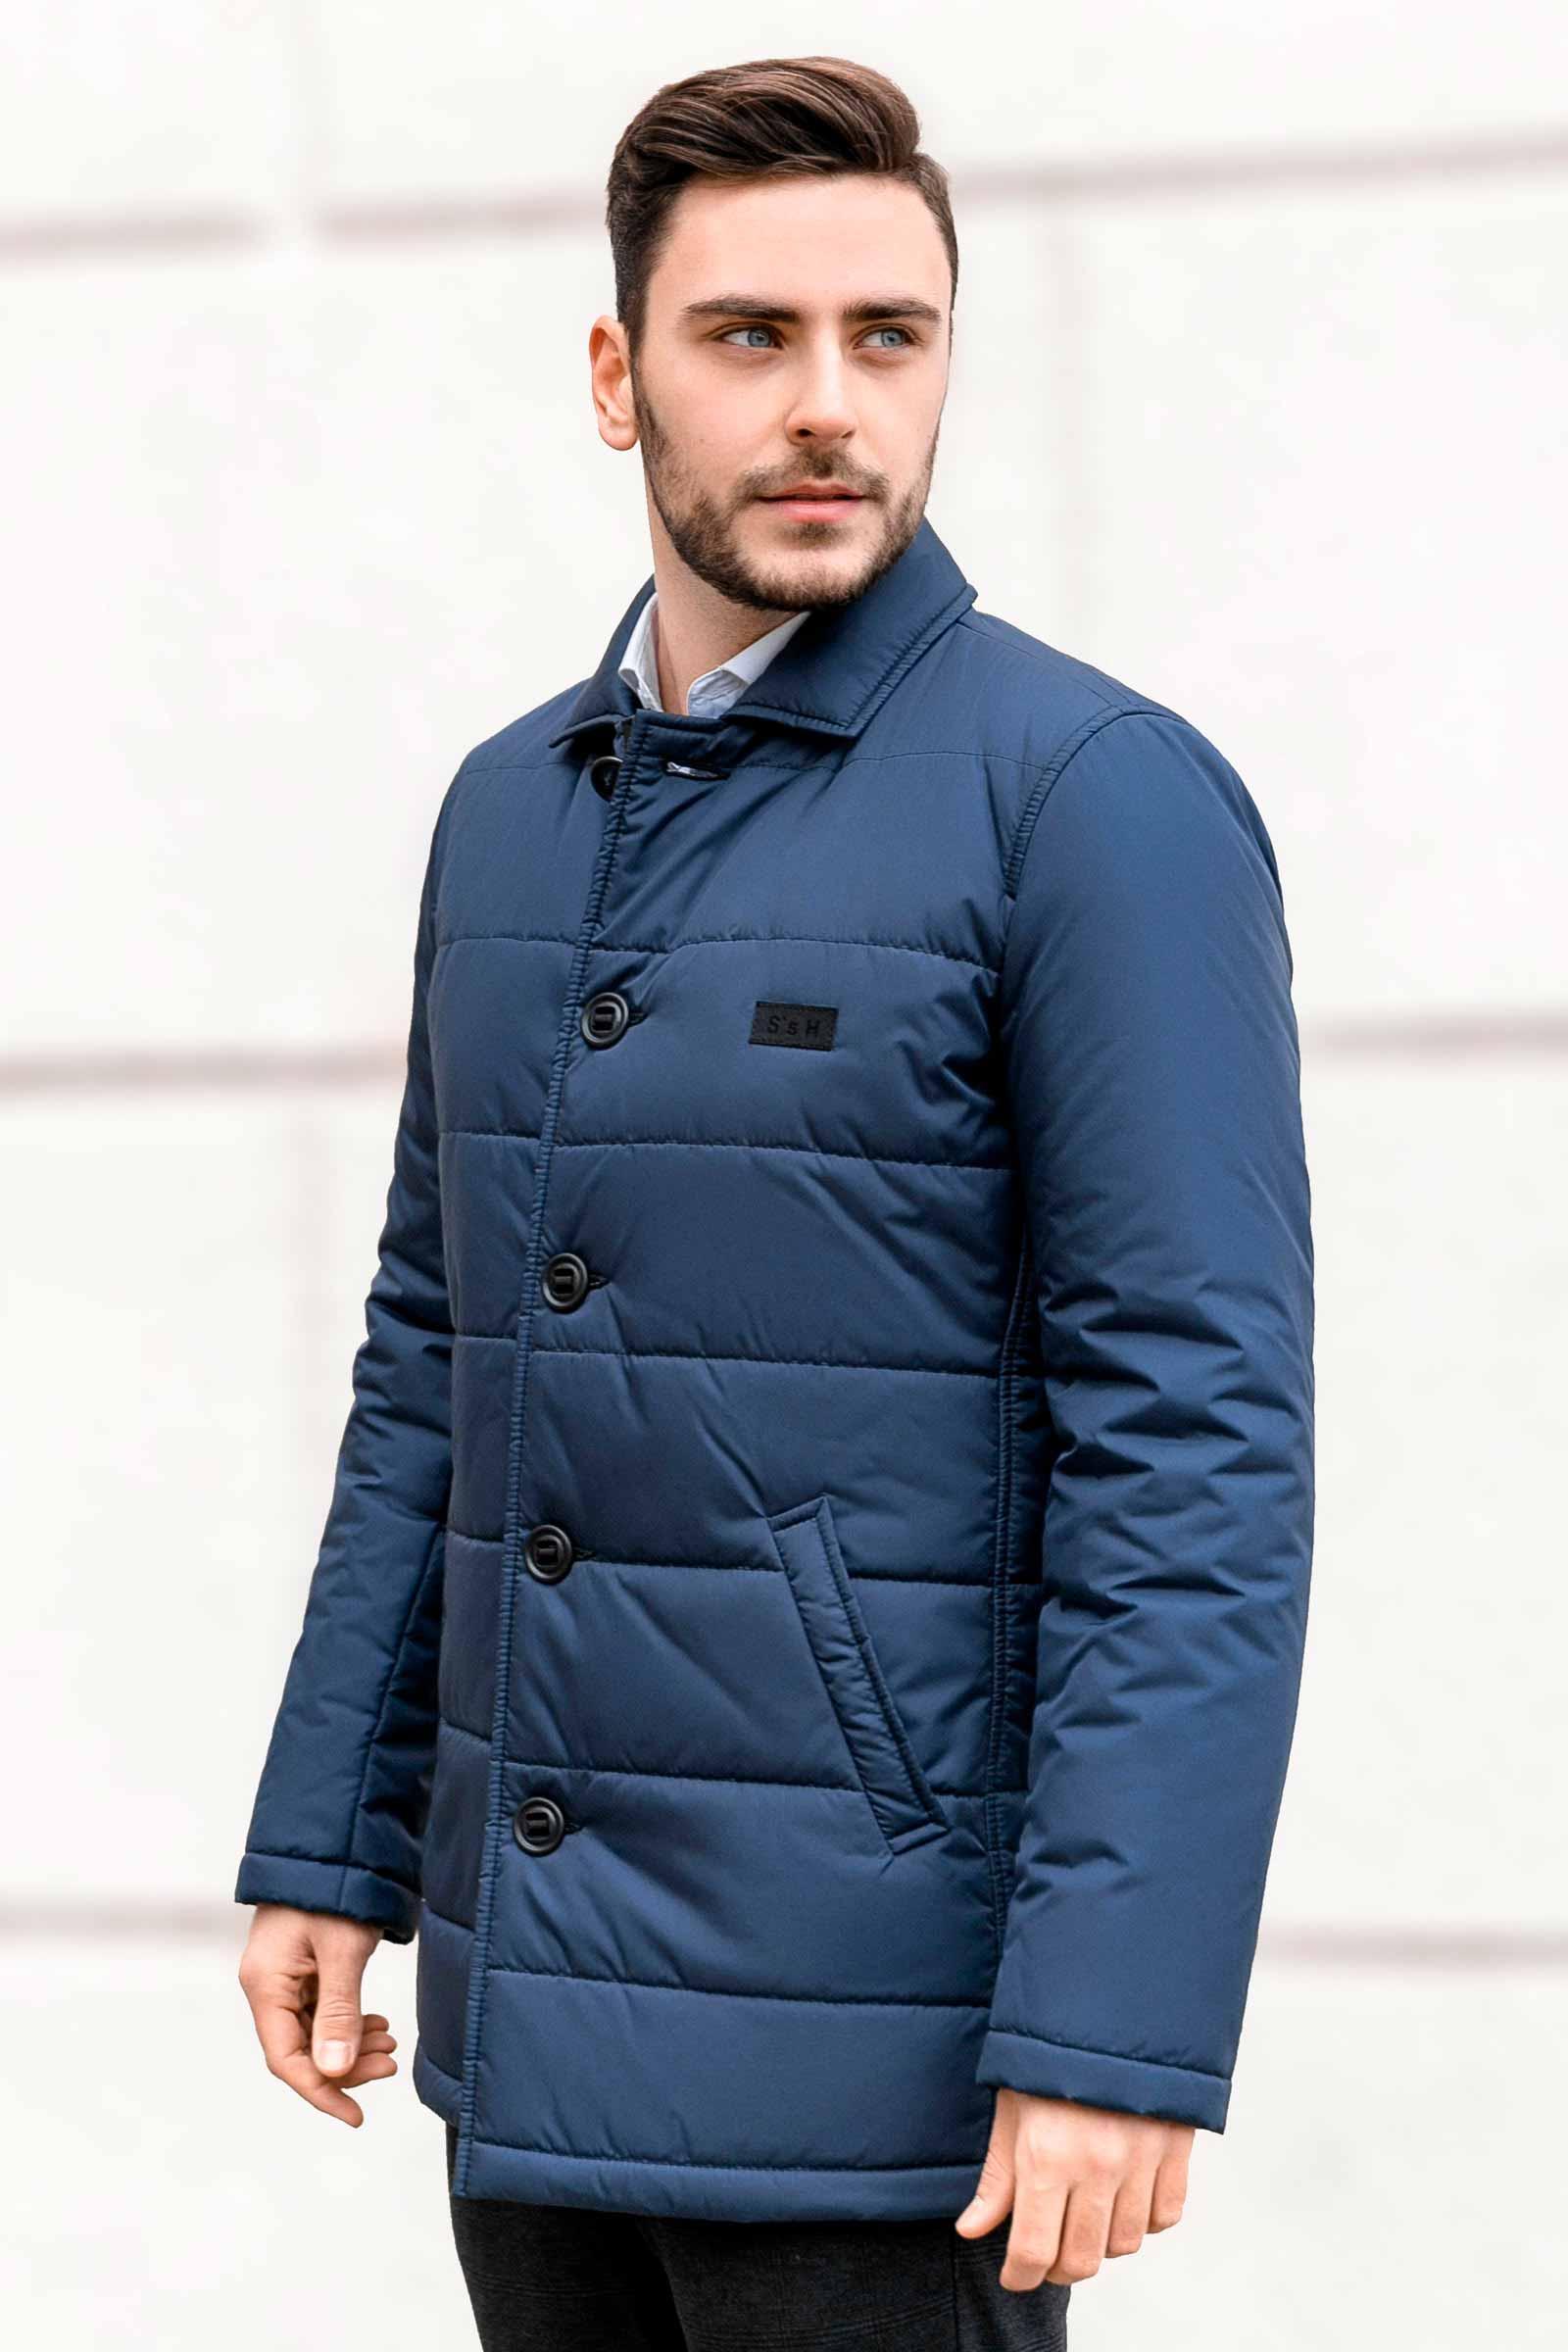 Купить мужскую синюю куртку Киев - фото